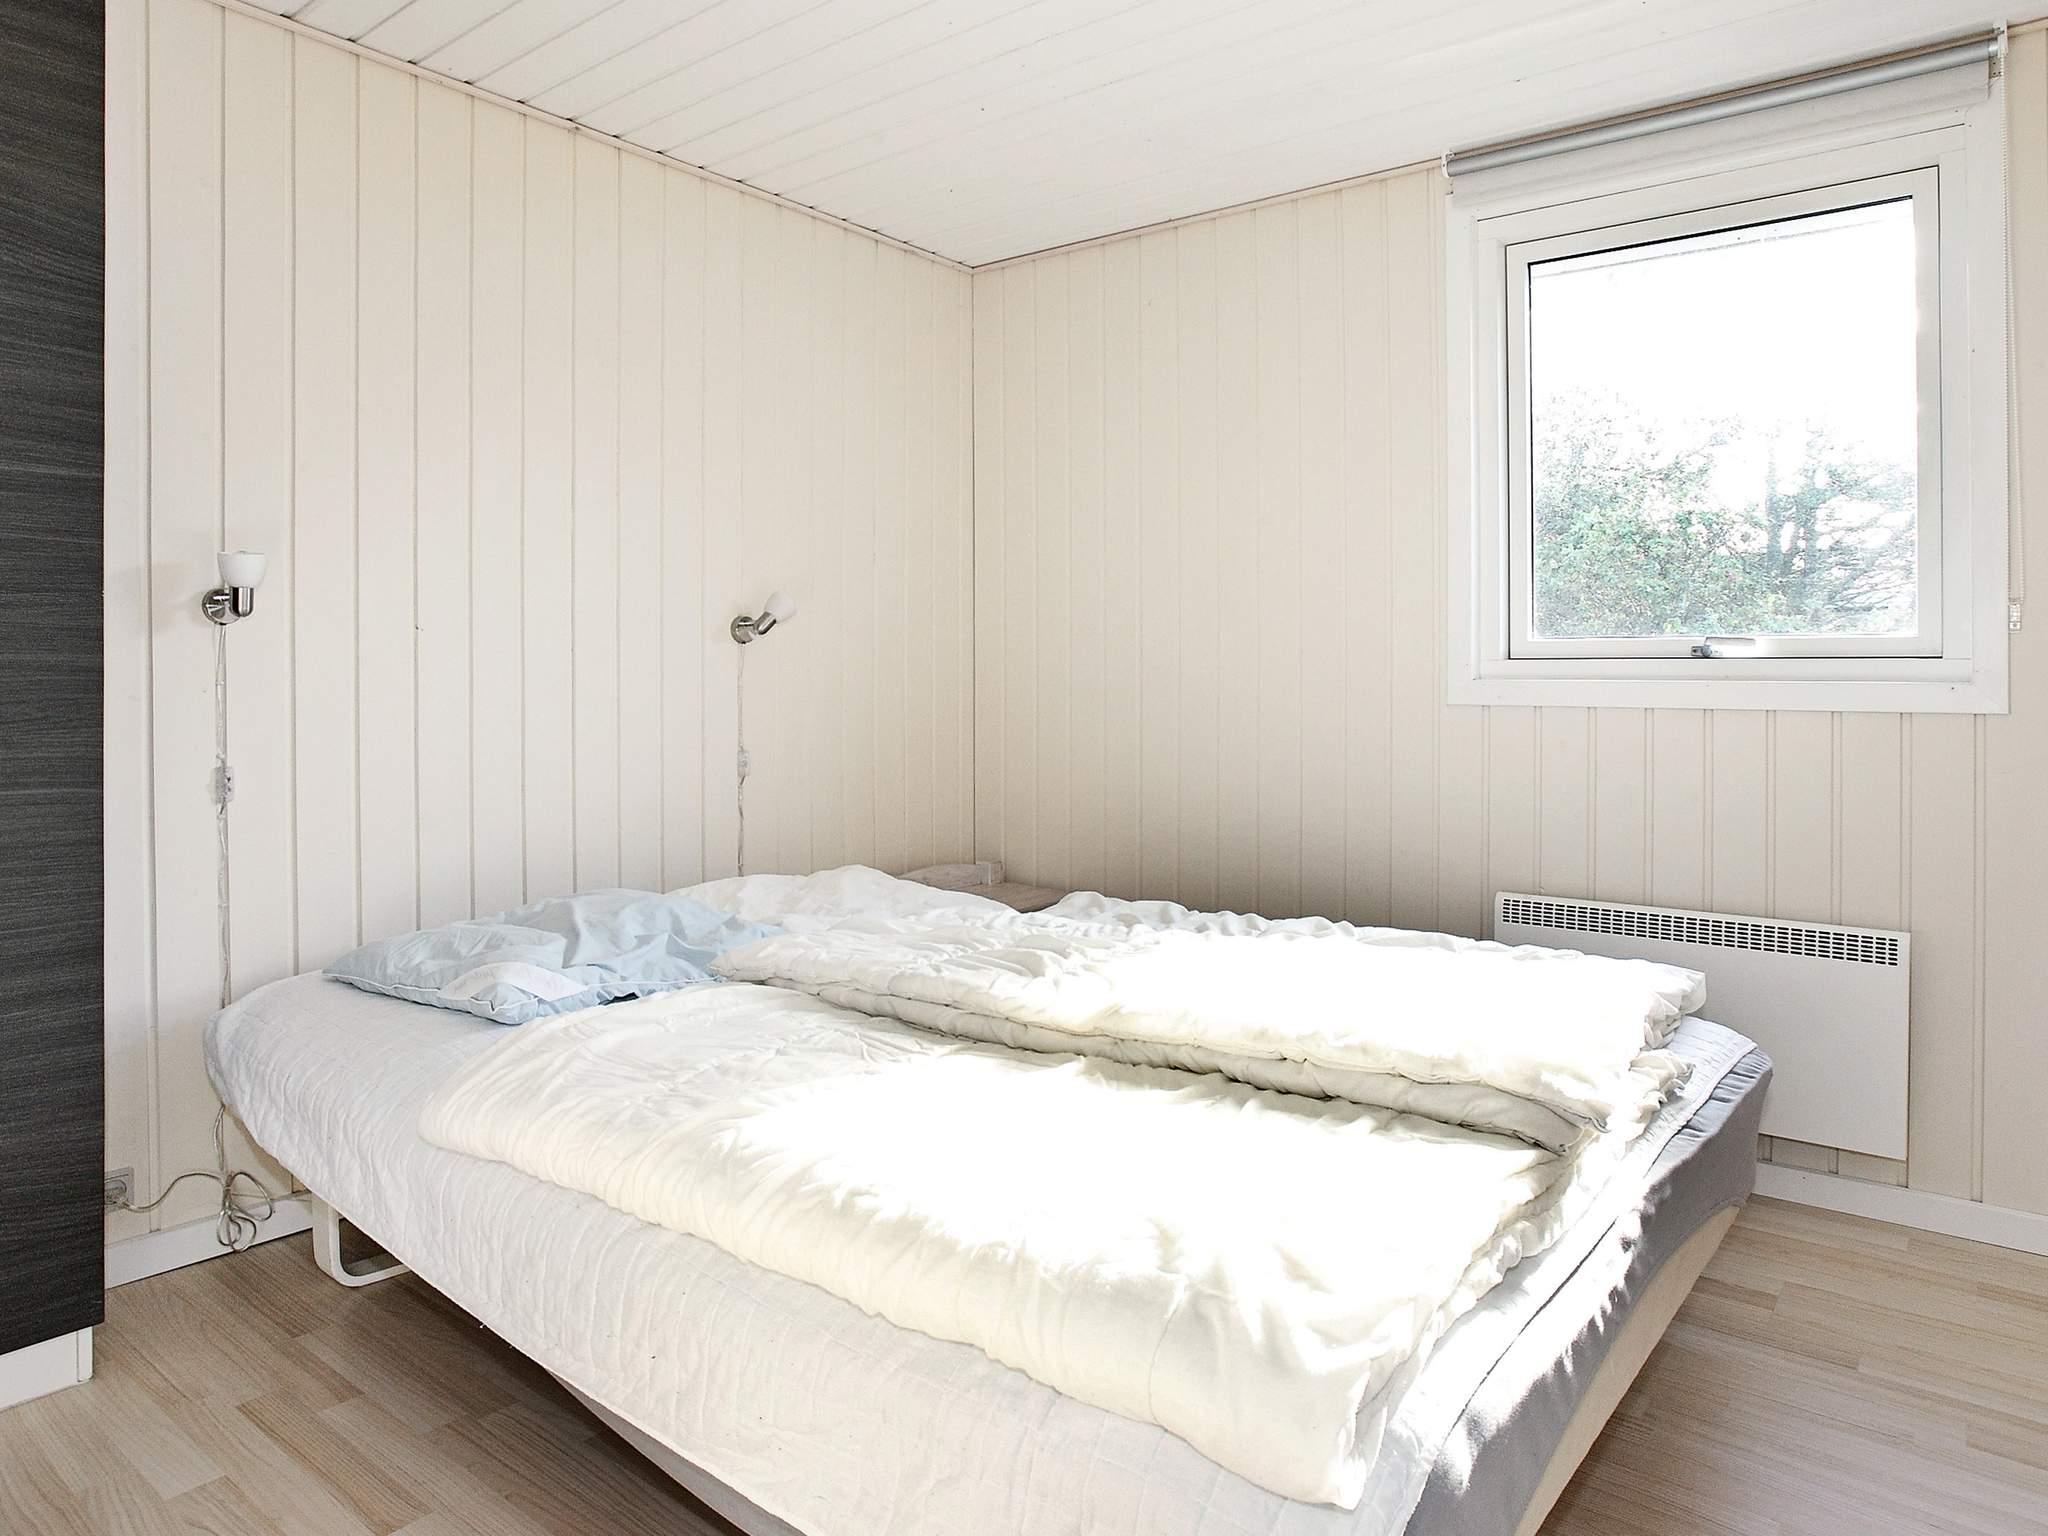 Ferienhaus Kærgården (371070), Vestervig, , Limfjord, Dänemark, Bild 17